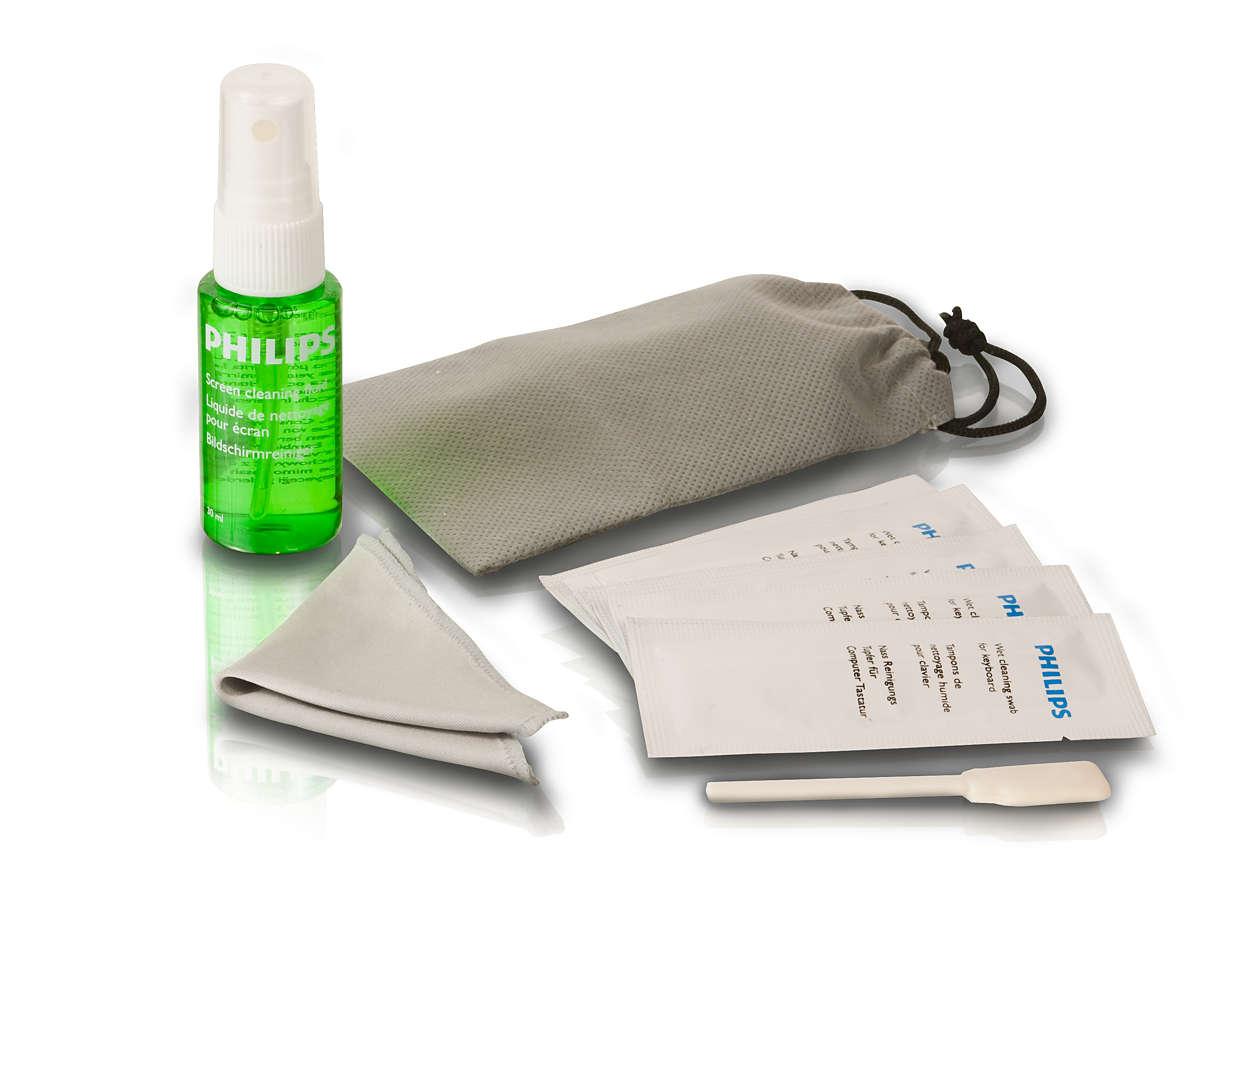 Limpa comp. portáteis e ecrãs de dispos. móveis de forma segura